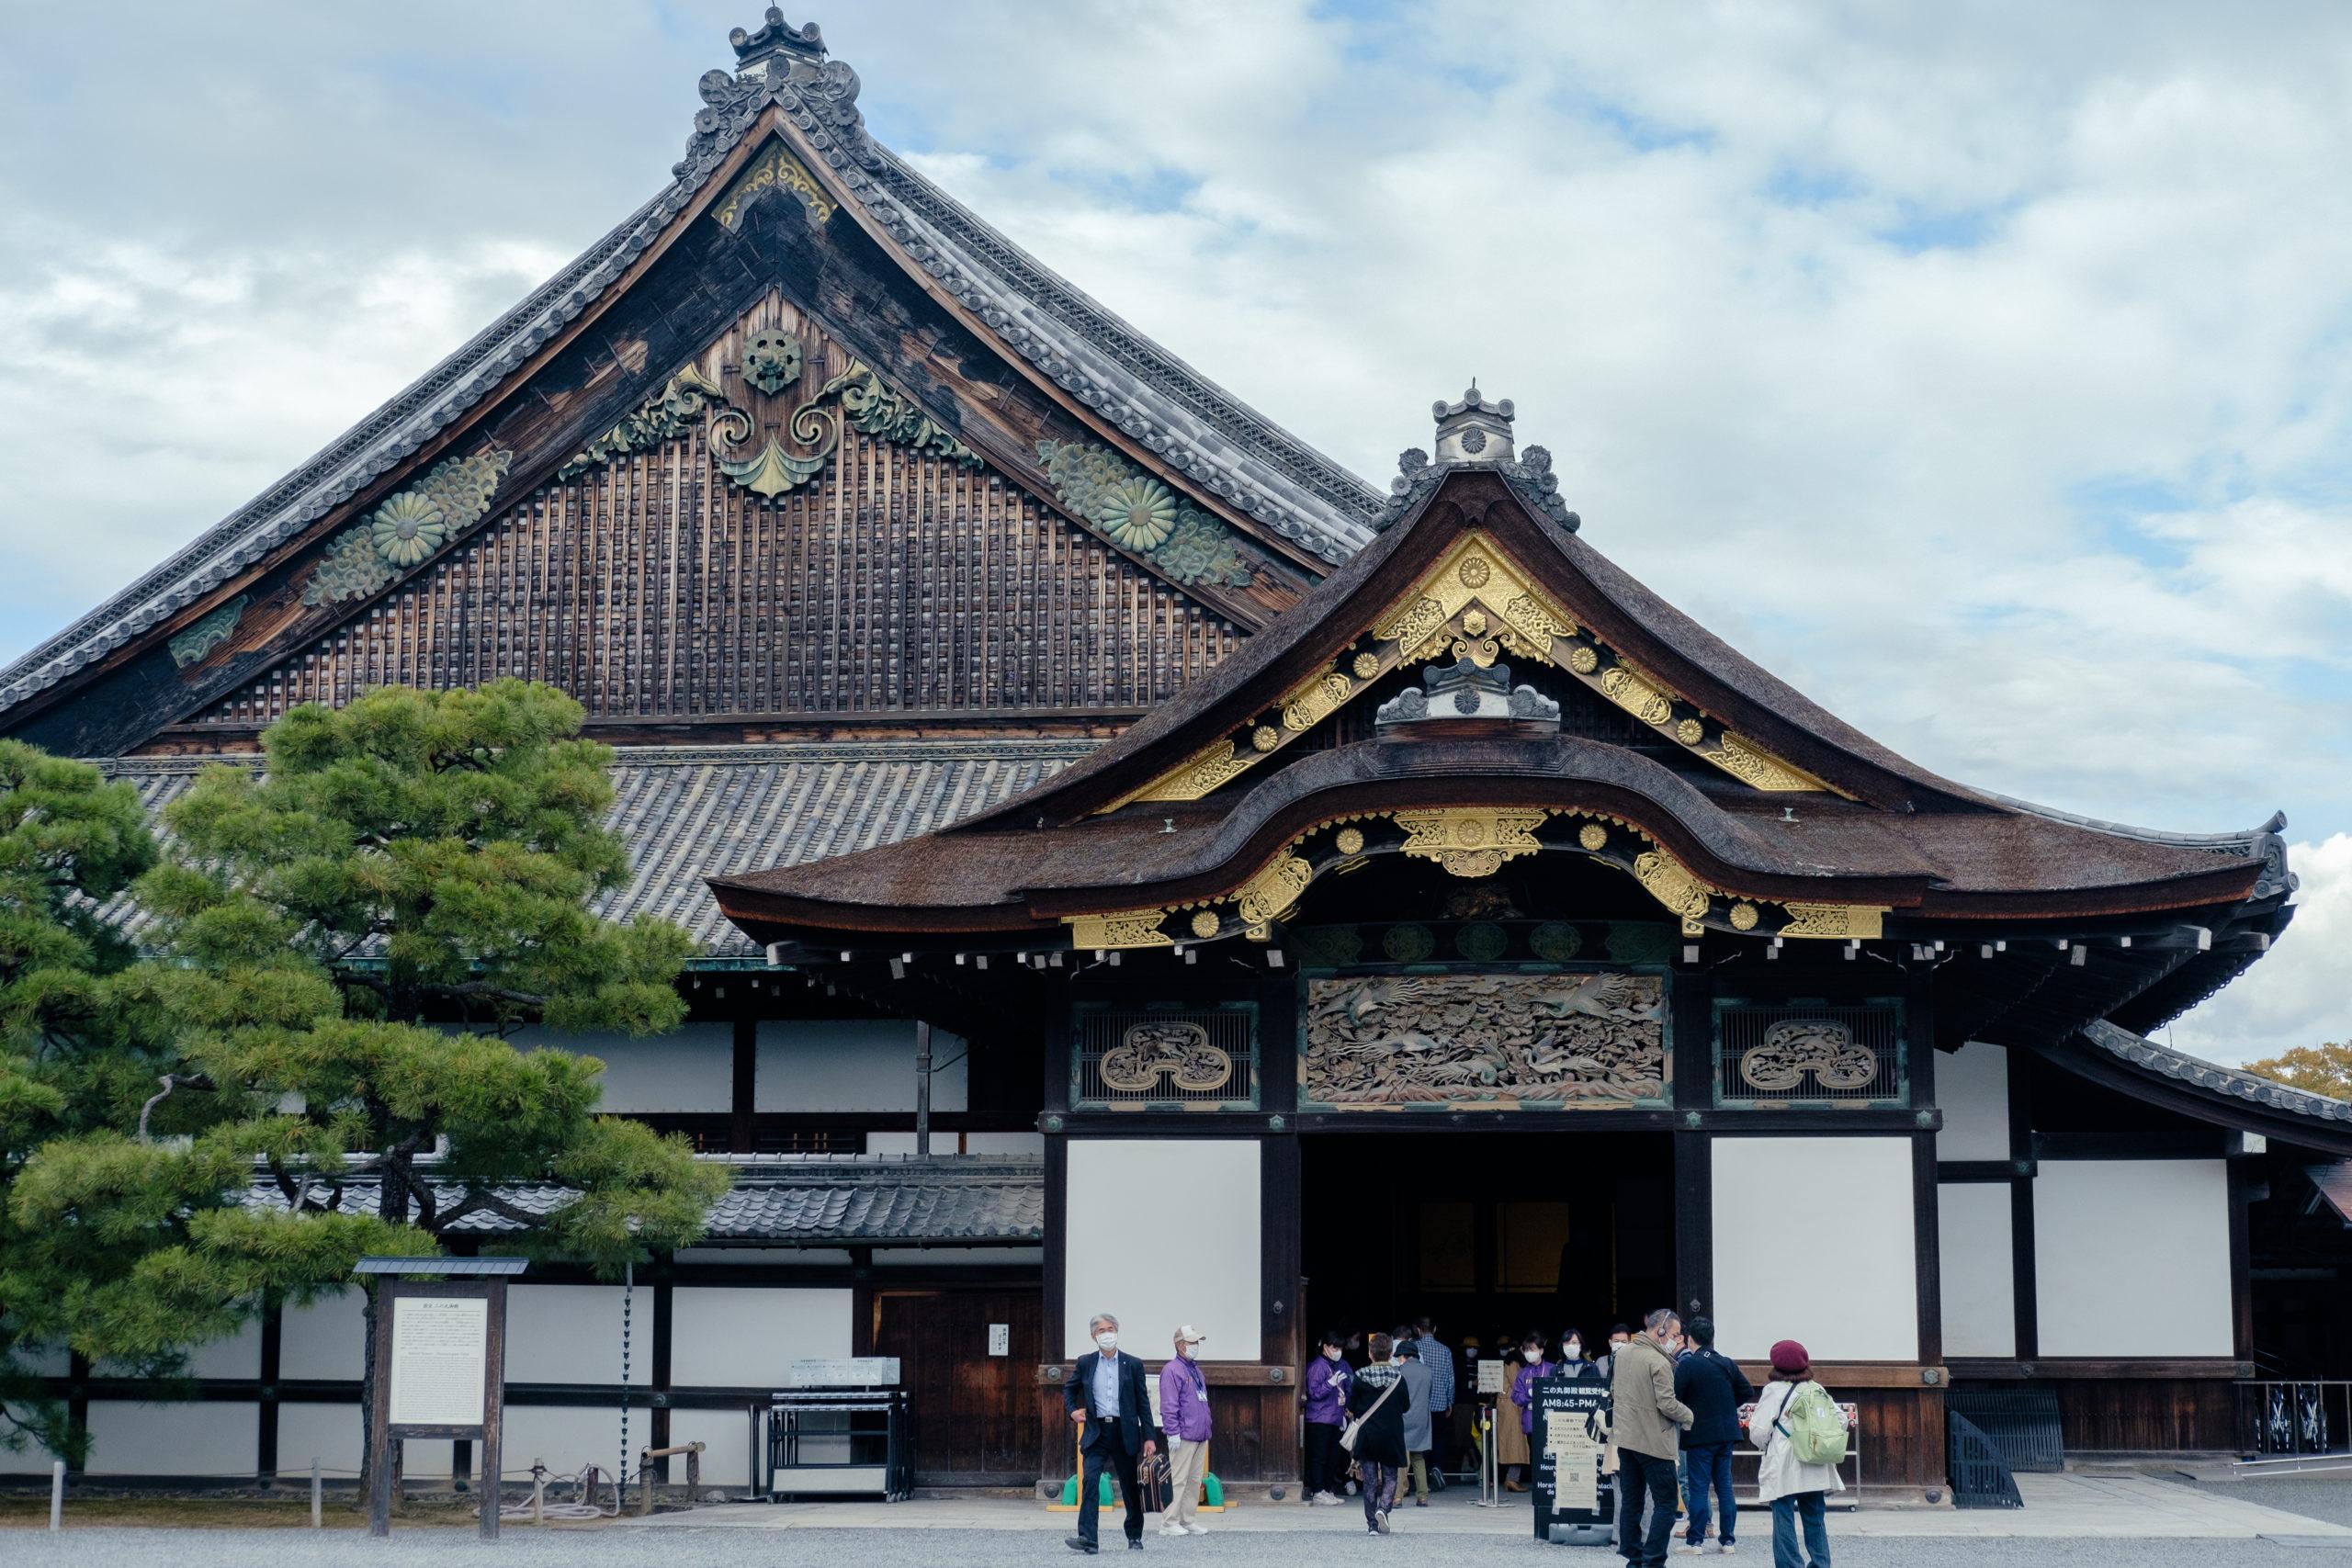 京都旅行。二条城とカフェ。秒で植物に飽きて困った【X-T3×XF35mmf2】